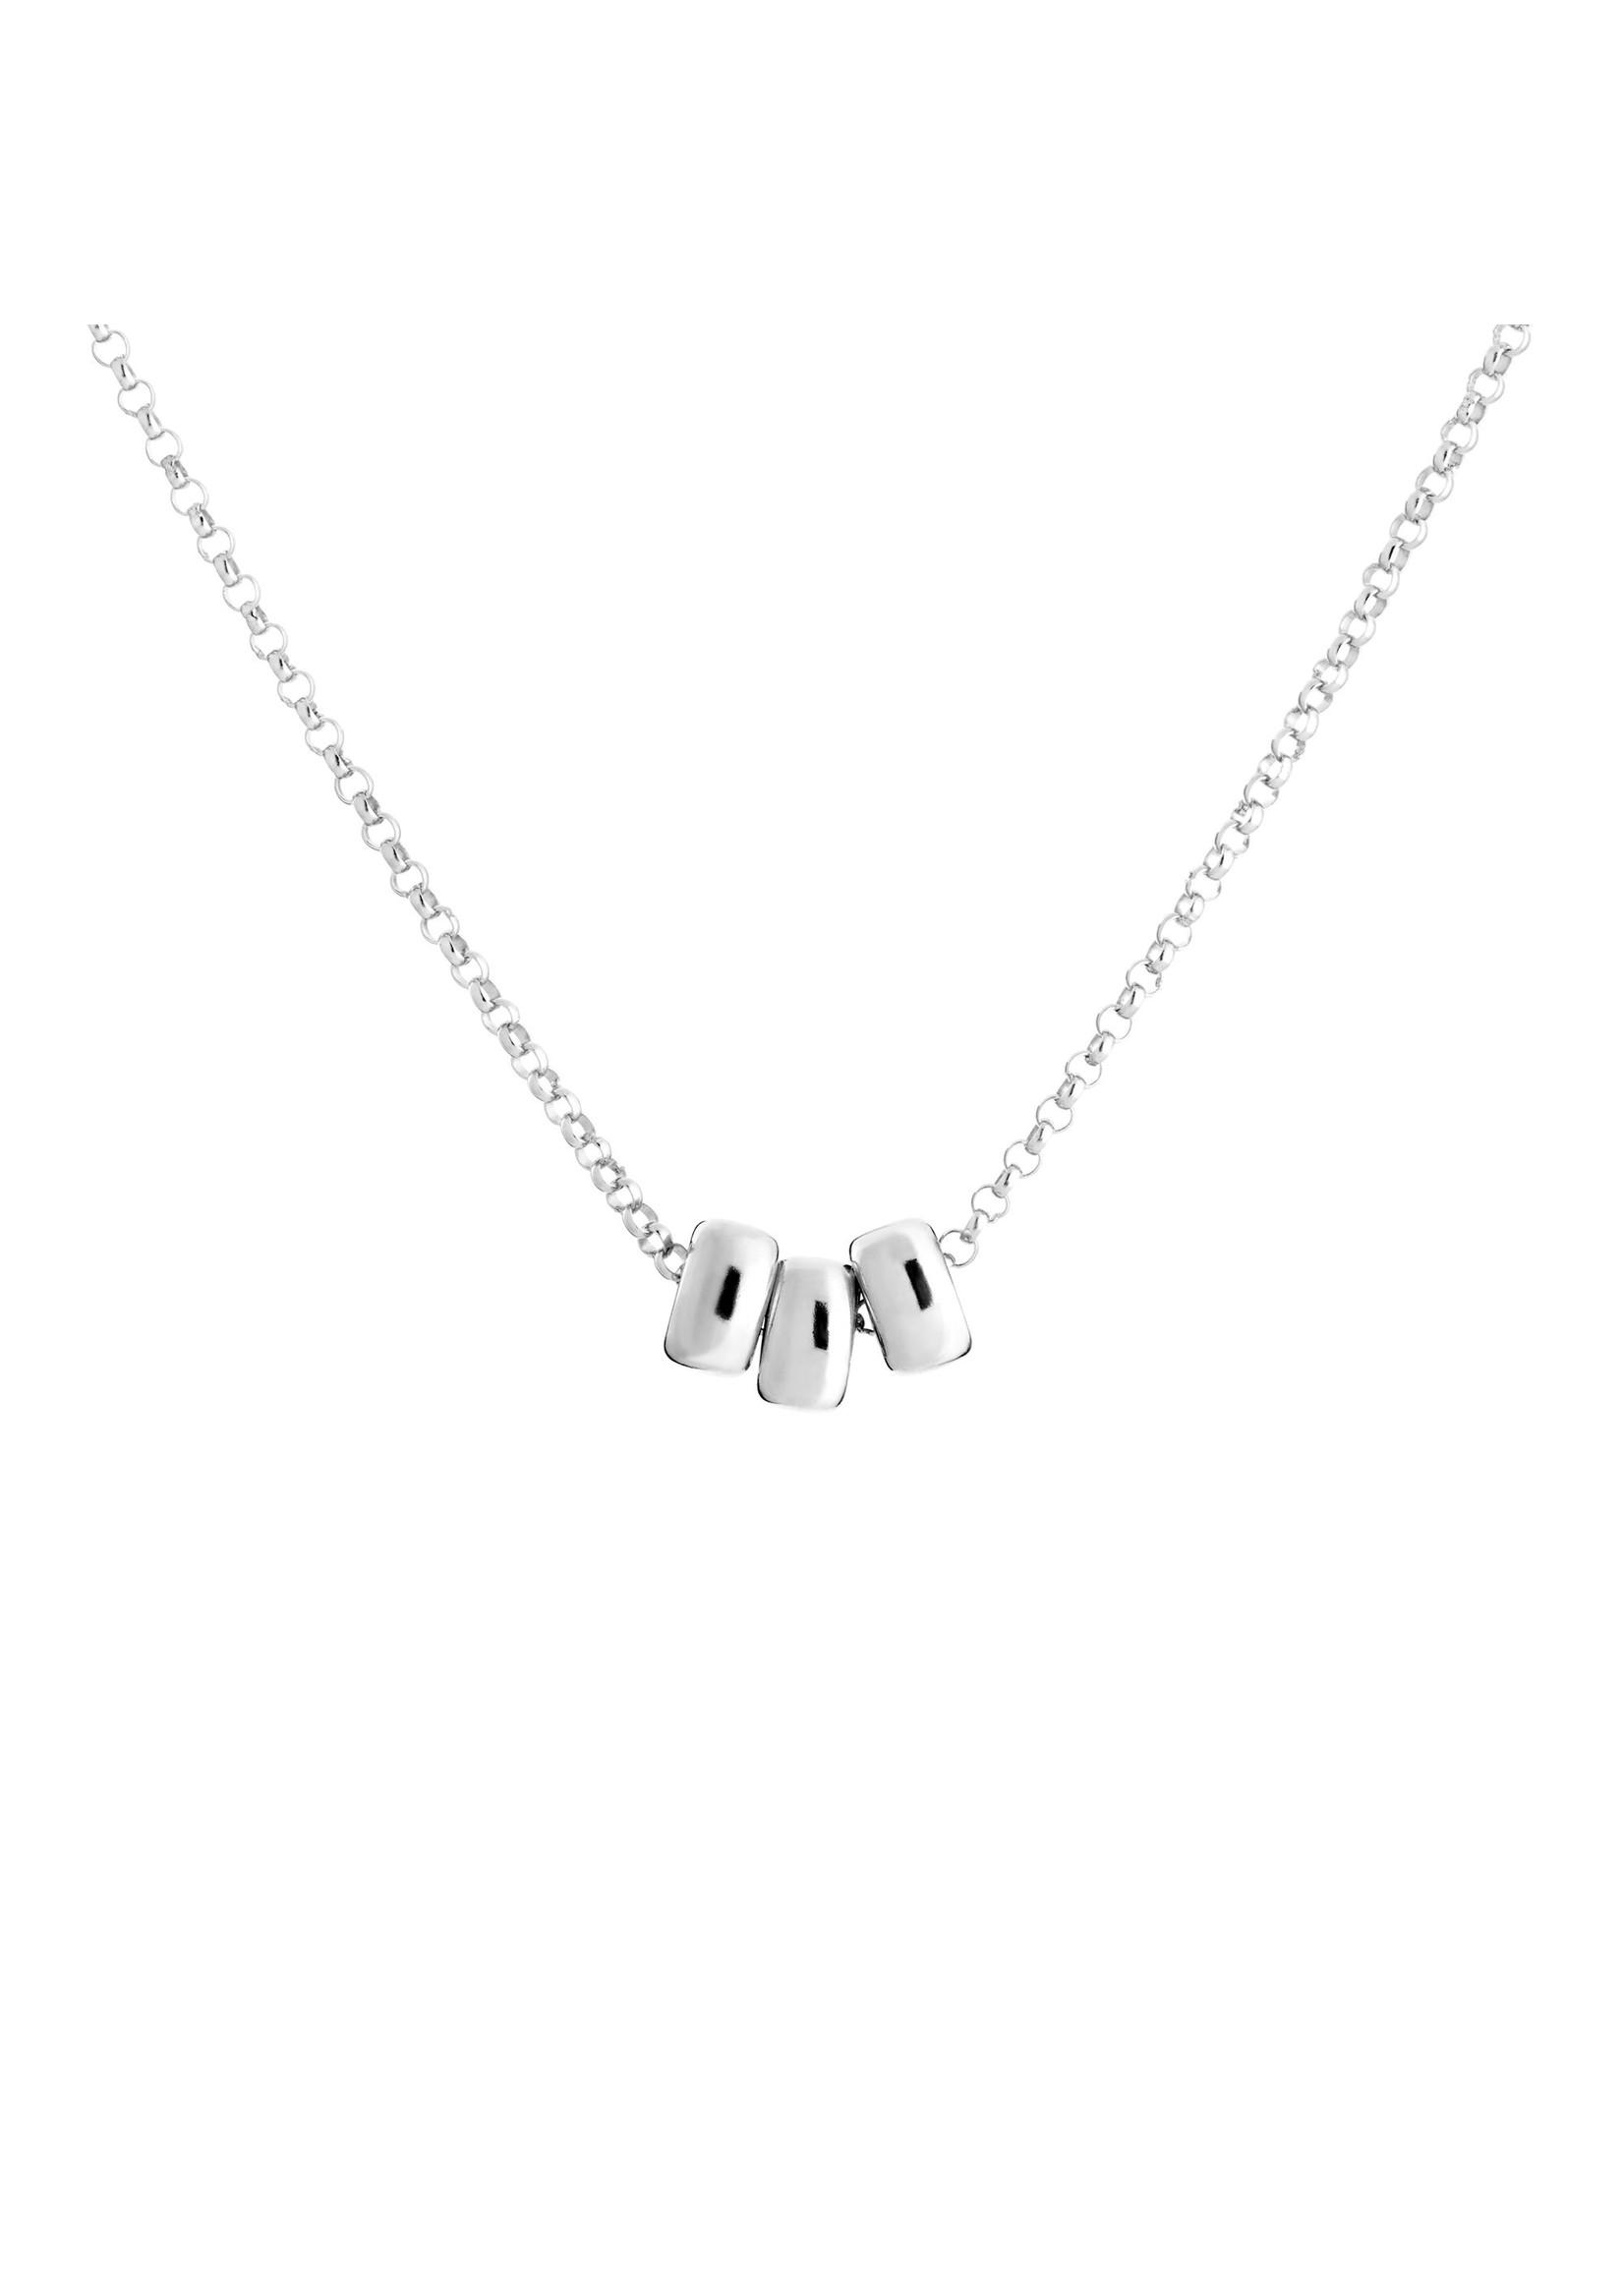 Lolo Jewellery Trio 6mm Rondell - Silver